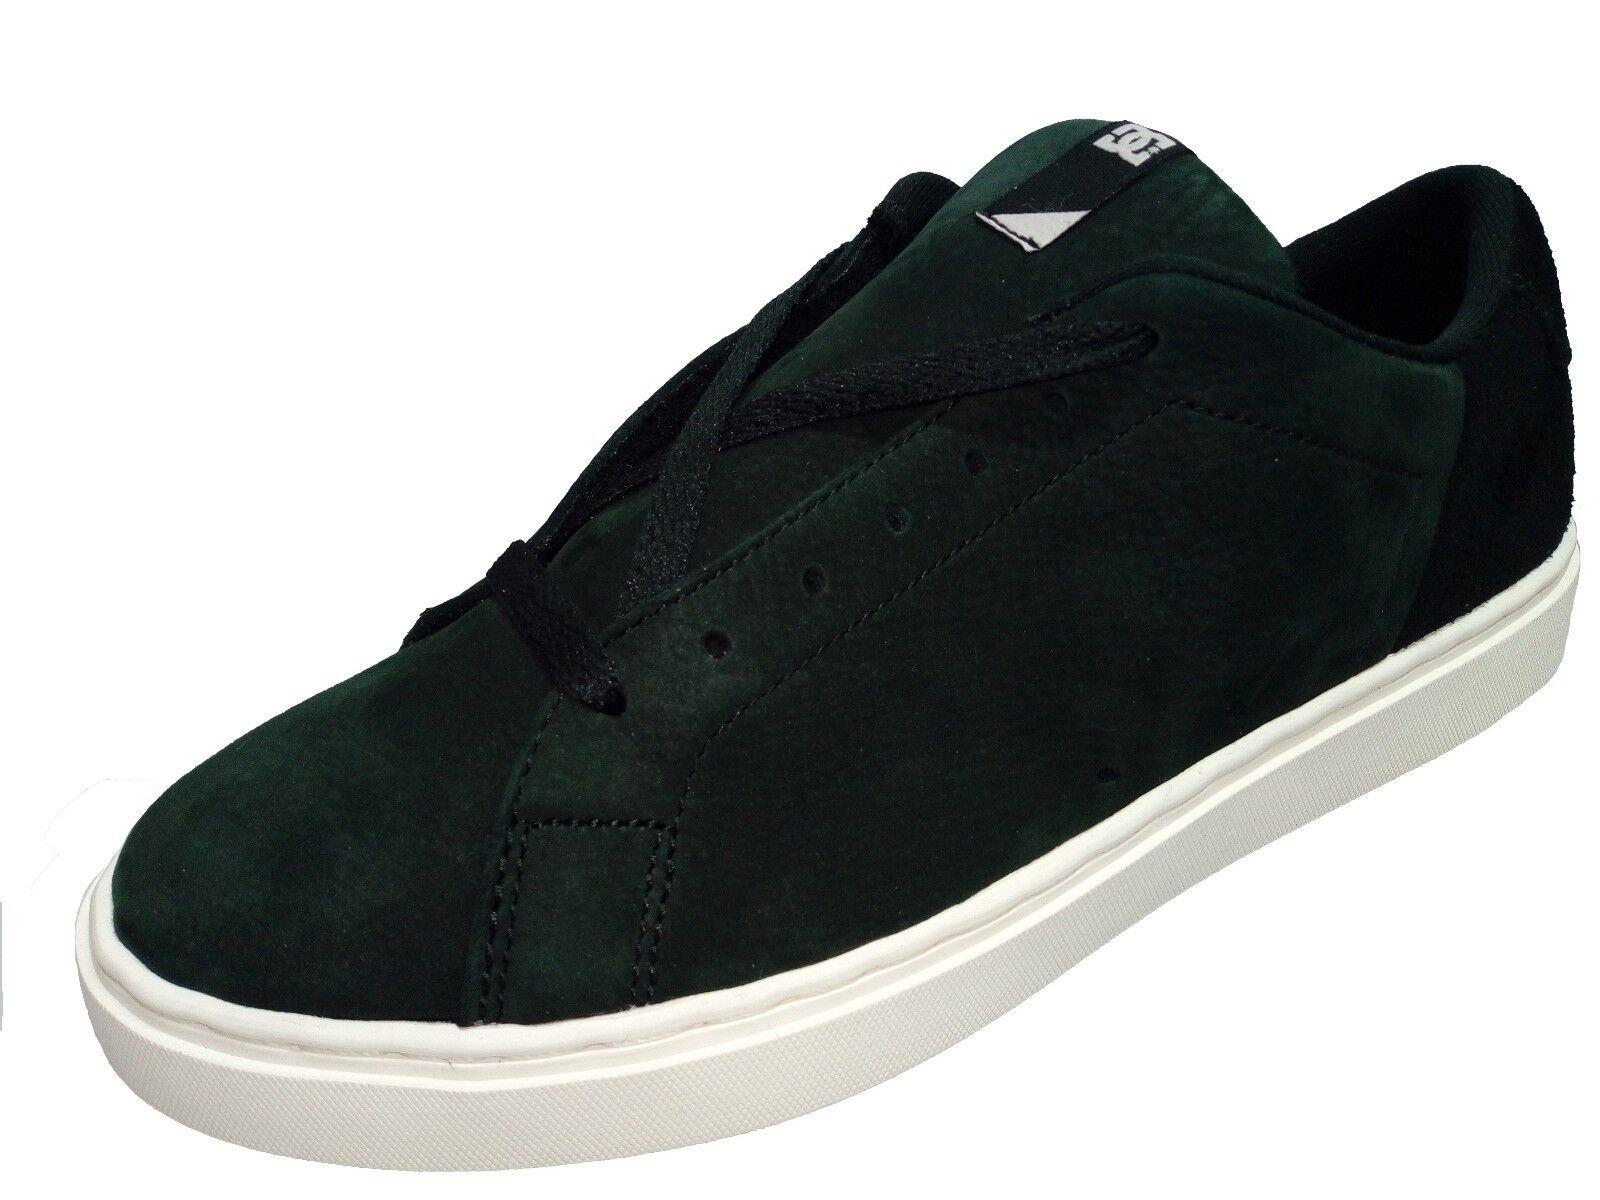 Scarpe DC SHOES Reprieve SE Uomo tg 42 Sneakers Skate in Pelle Camoscio Nero Scarpe classiche da uomo